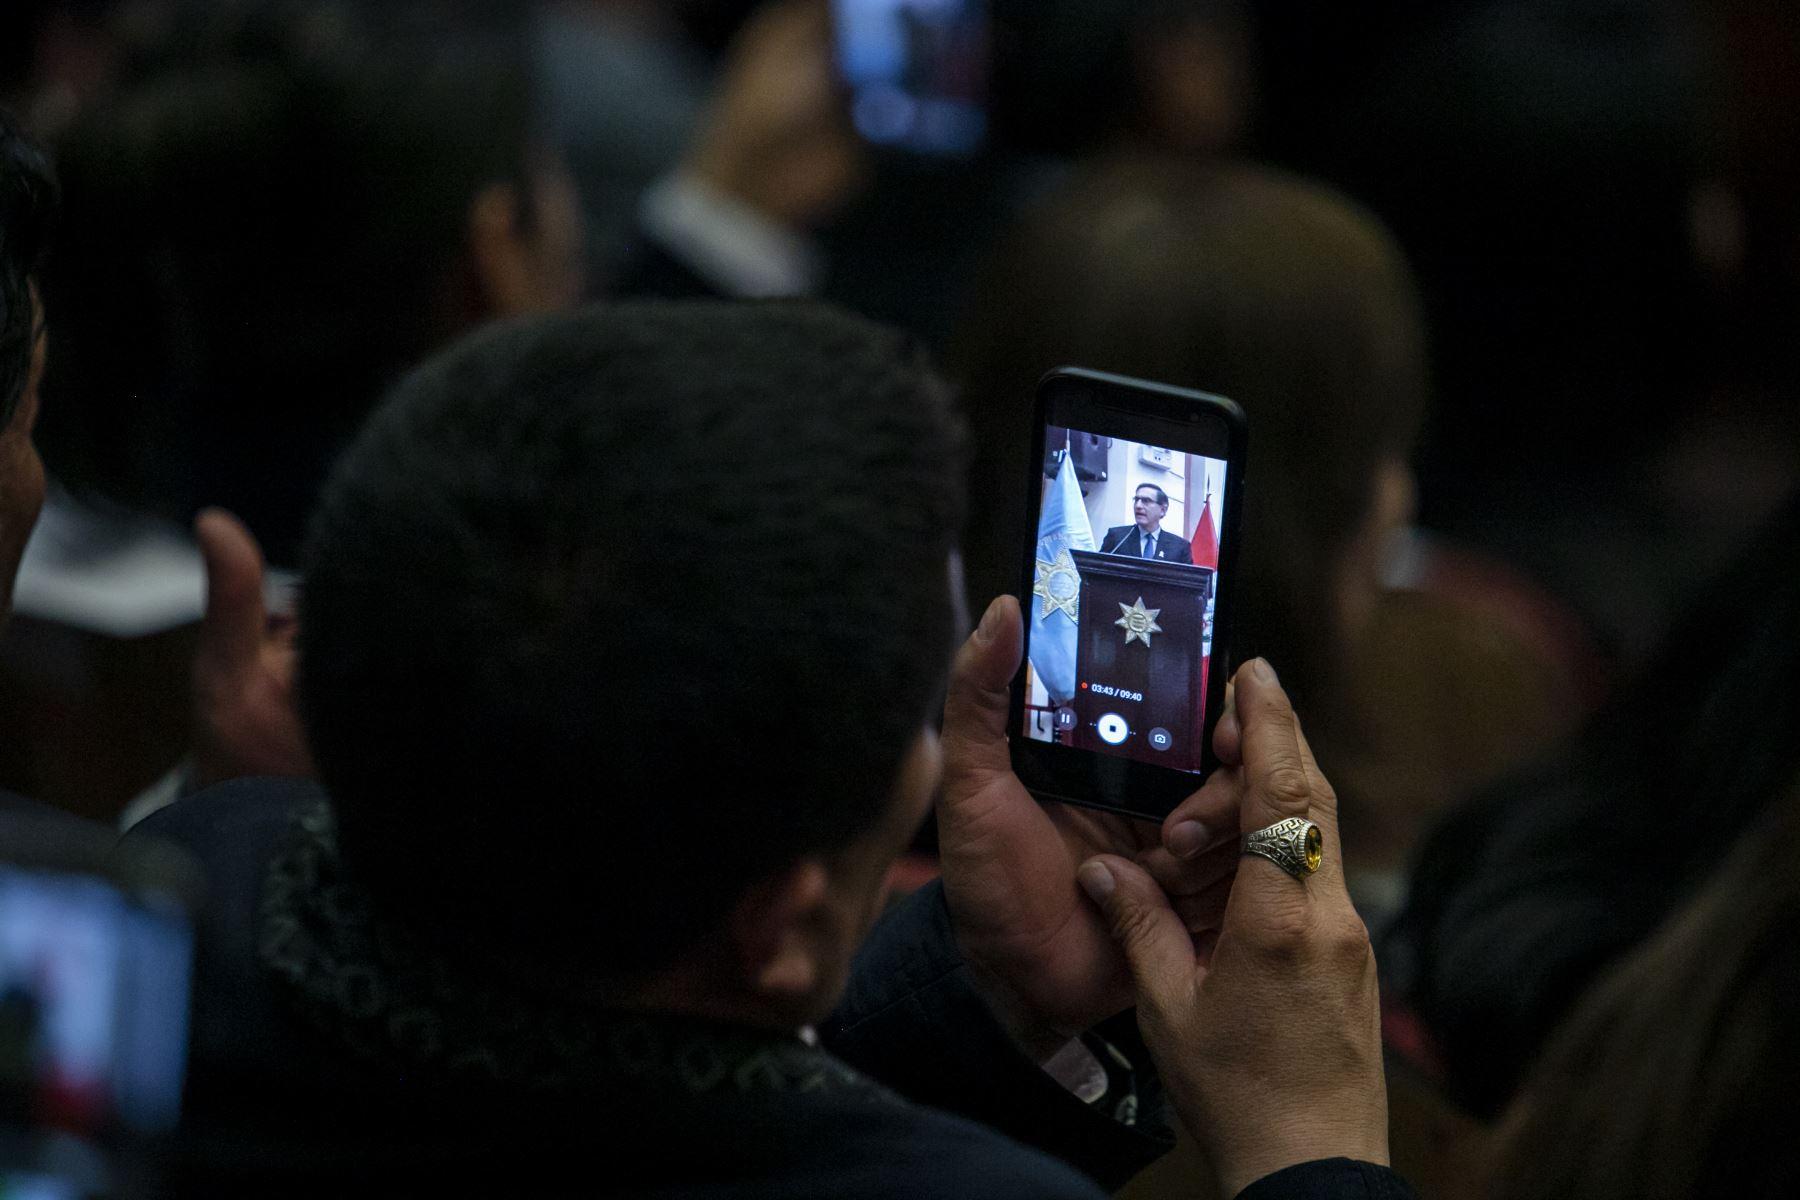 """Jefe de Estado, Martín Vizcarra asiste al Foro """"Lucha Contra la Corrupción y Gobernabilidad rumbo al Bicentenario"""". Foto. Prensa Presidencia"""